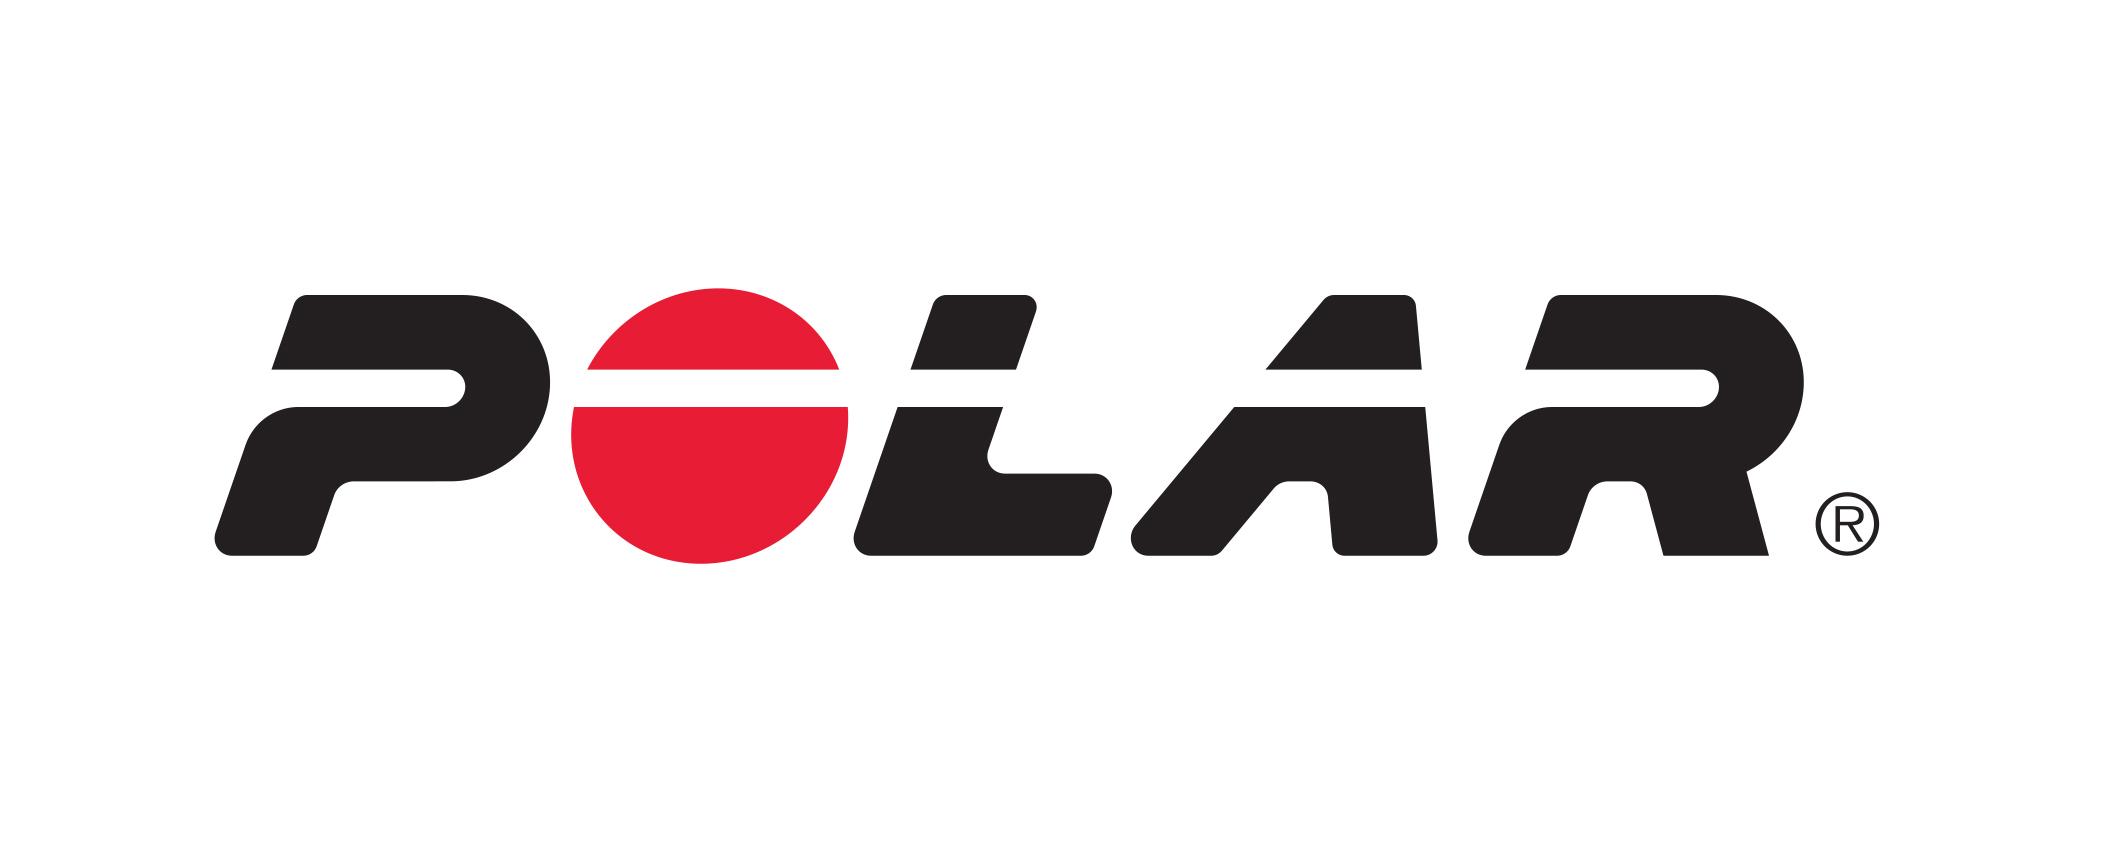 Polar_logo.jpg